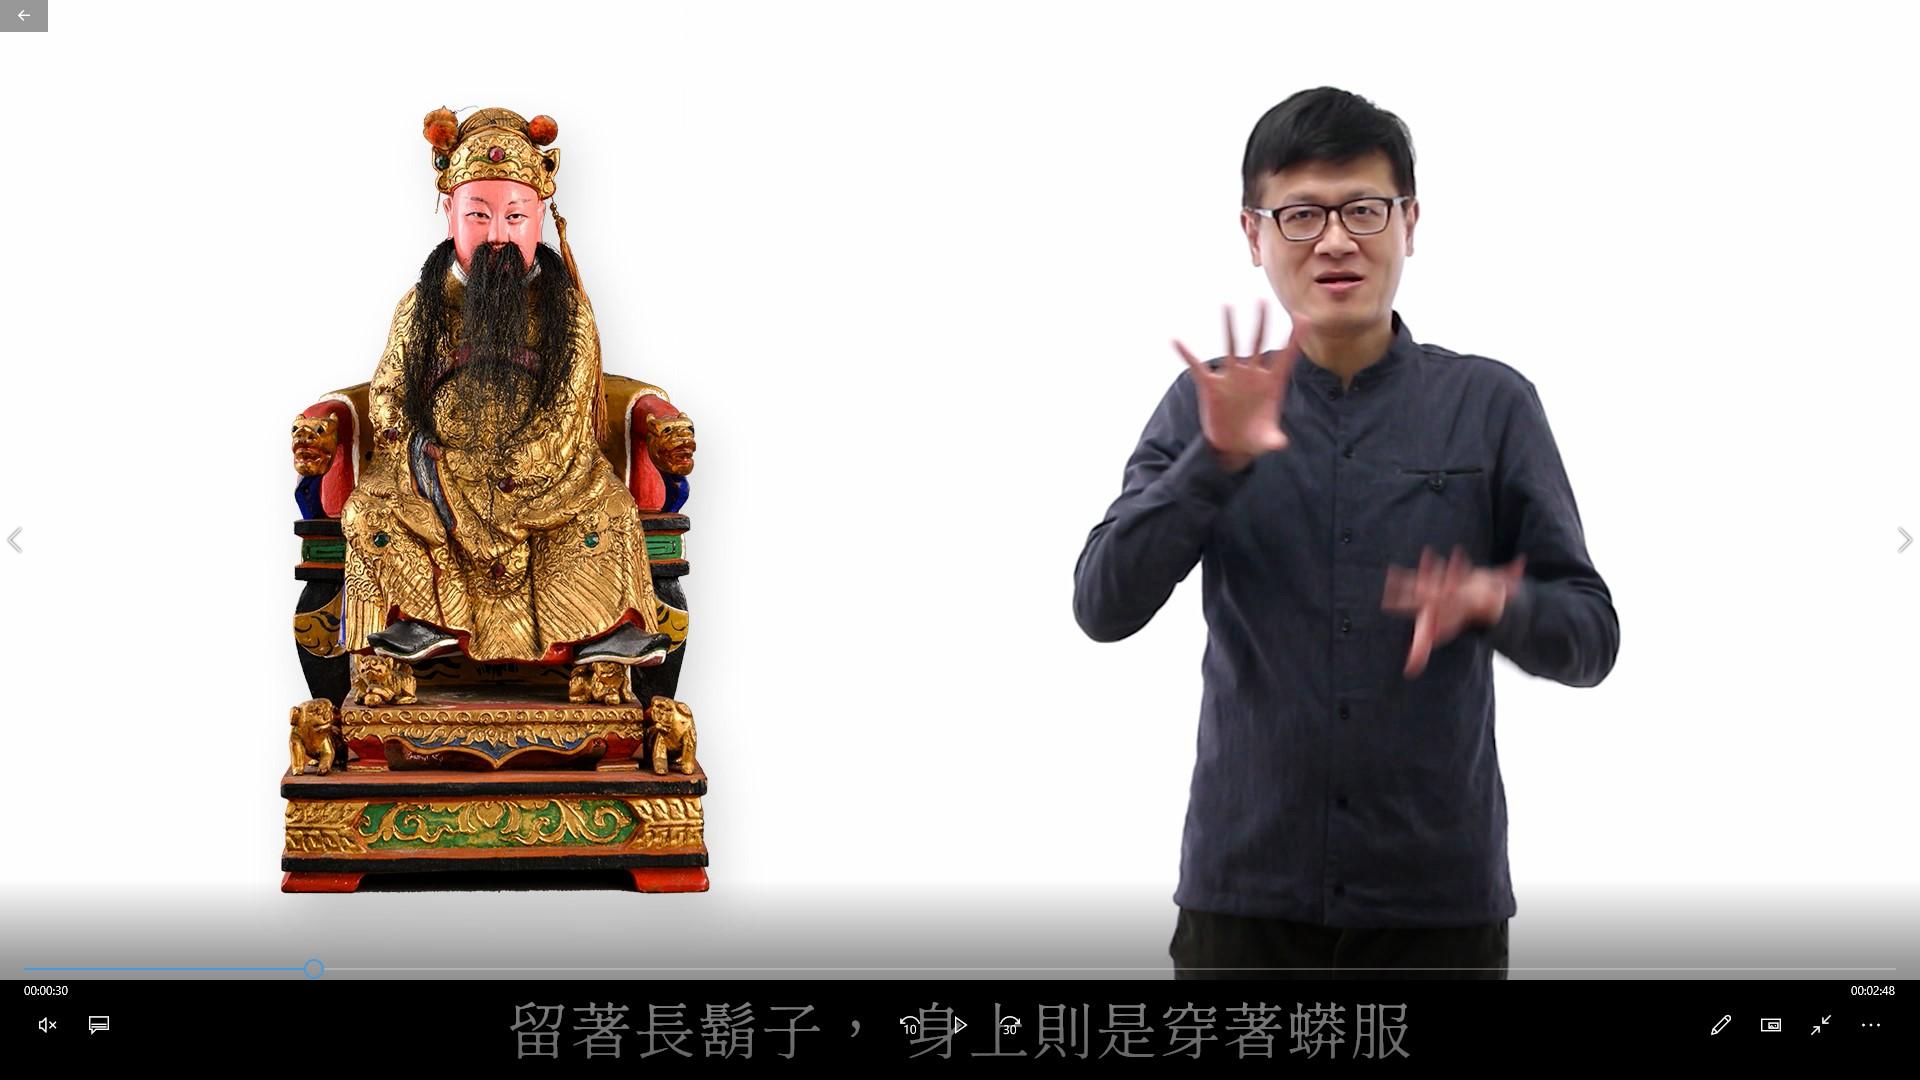 「憨子弟.瘋亂彈 臺灣北管藝術大展」手語導覽影片-12西秦王爺信仰